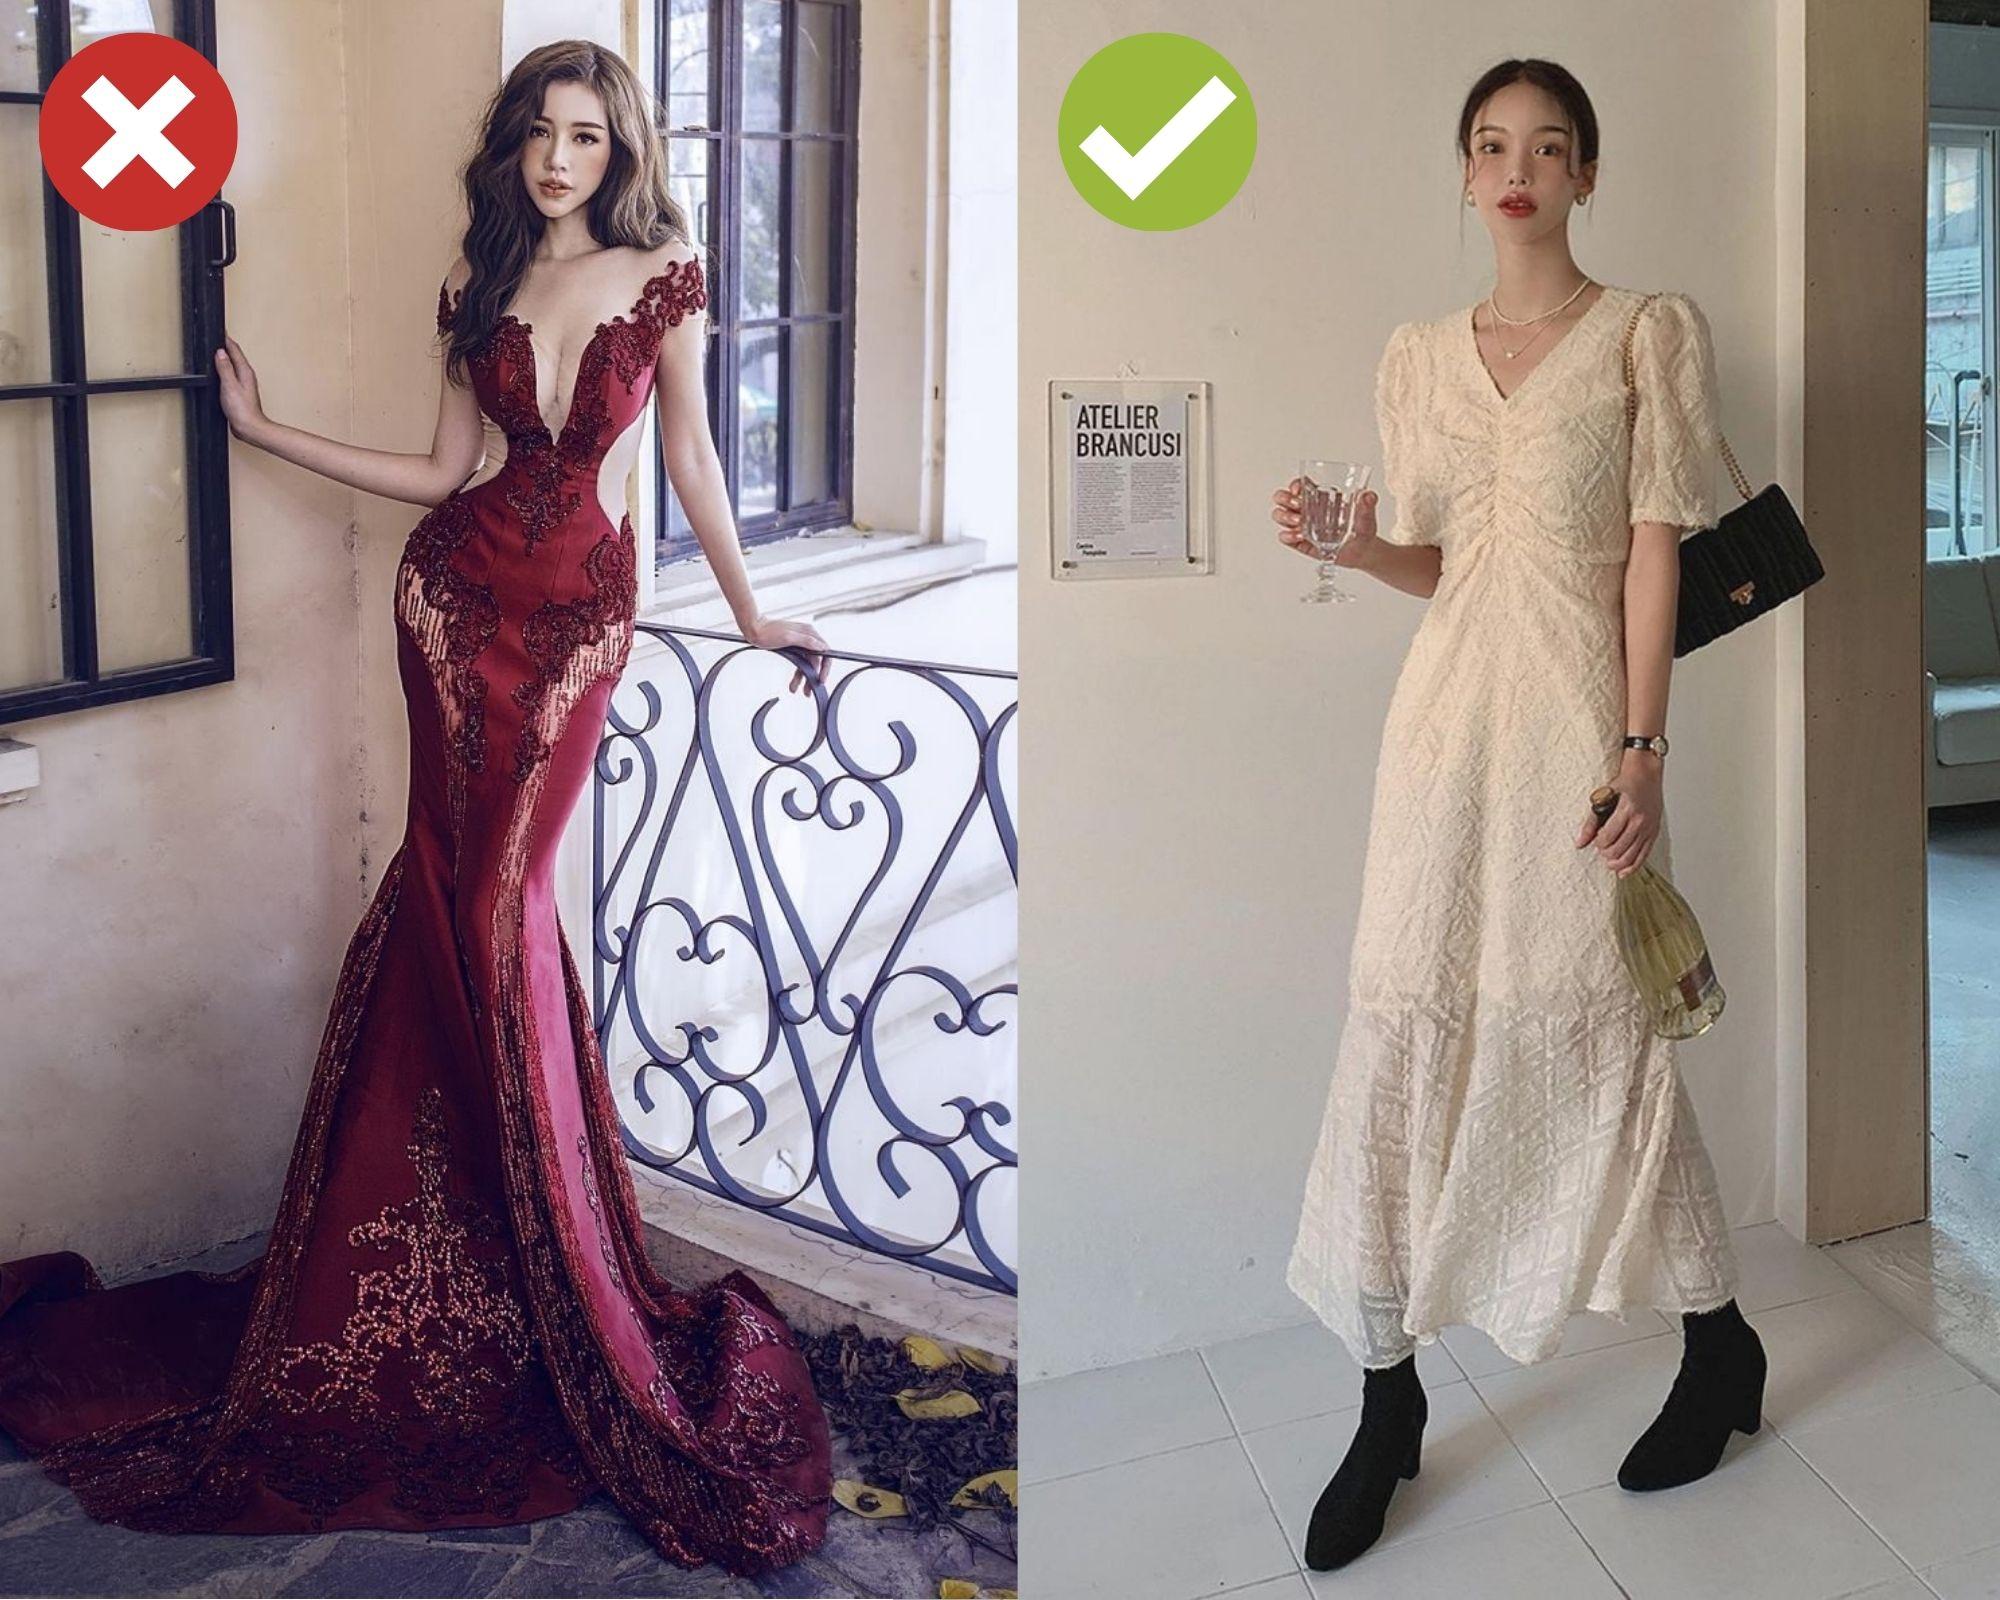 Trót dại diện 4 kiểu trang phục sau đi tiệc Tất niên cuối năm của công ty, thế nào chị em cũng bị chê là thiếu ý tứ  - Ảnh 2.